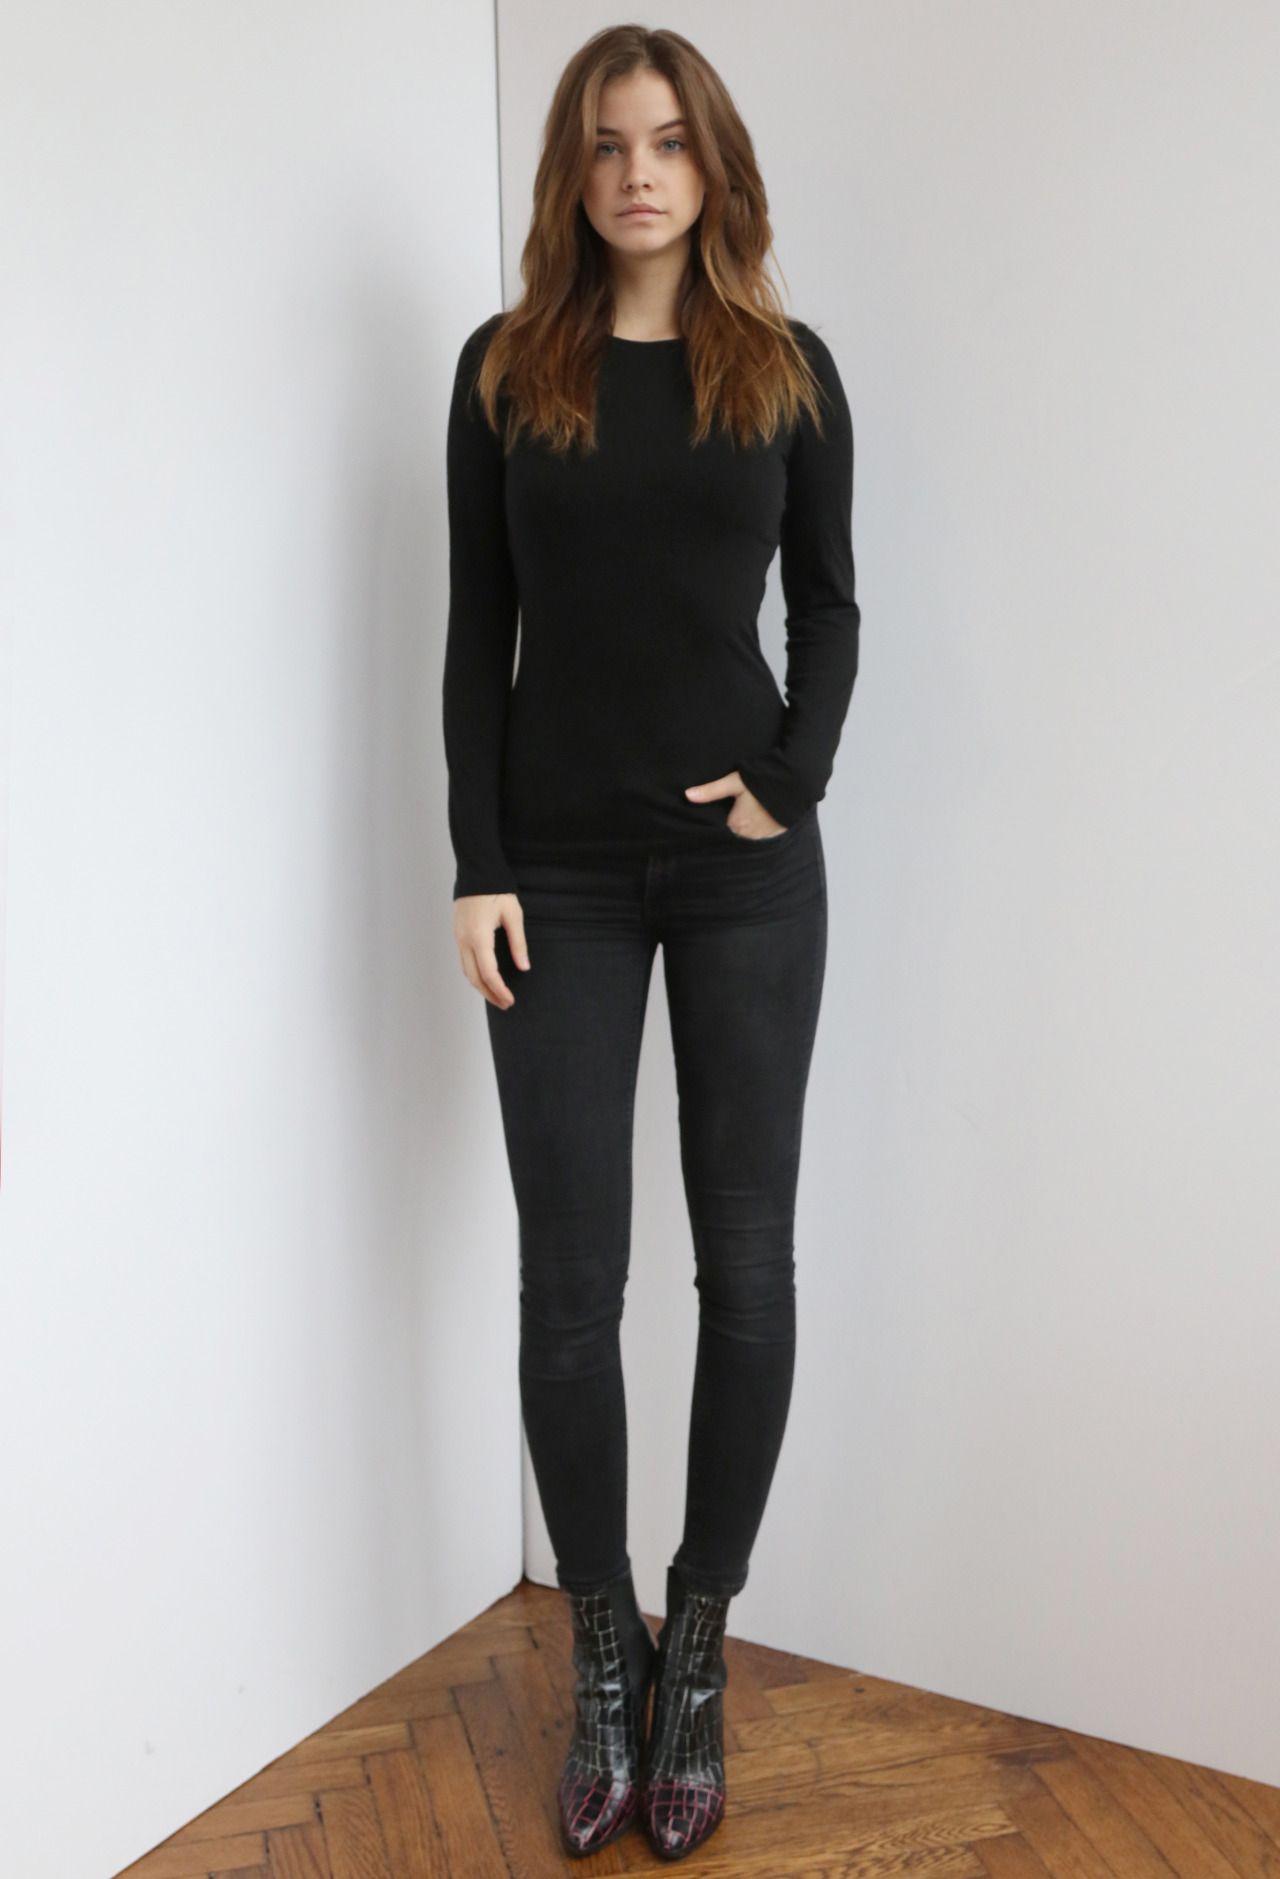 Barbara Palvin - IMG Models Digitals 2015.